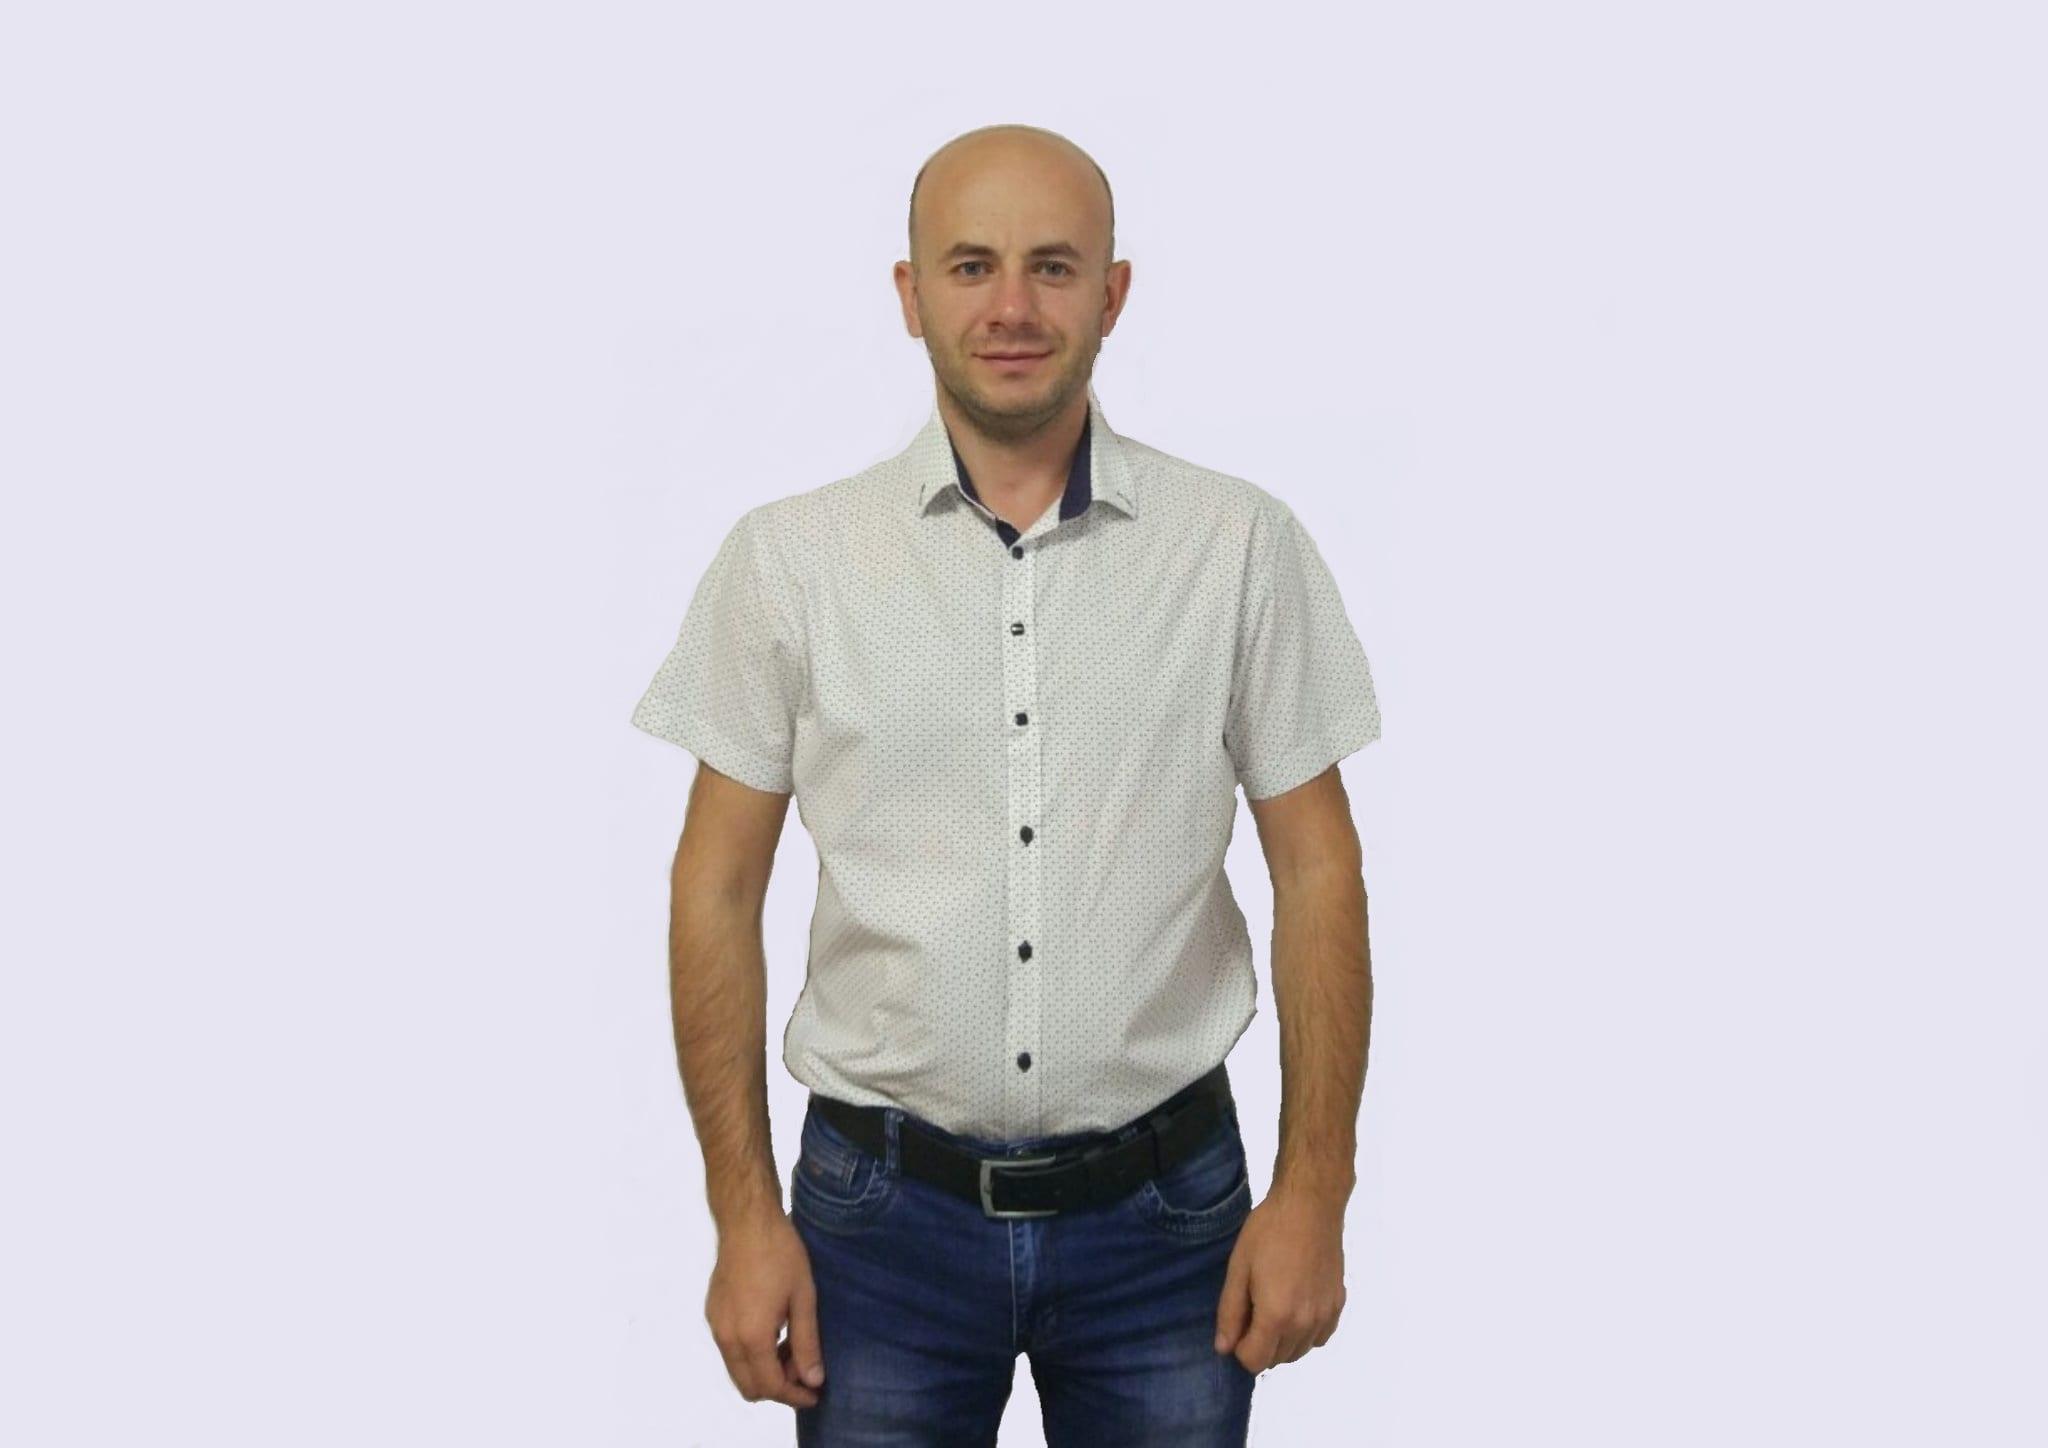 Valeriu Trifaila